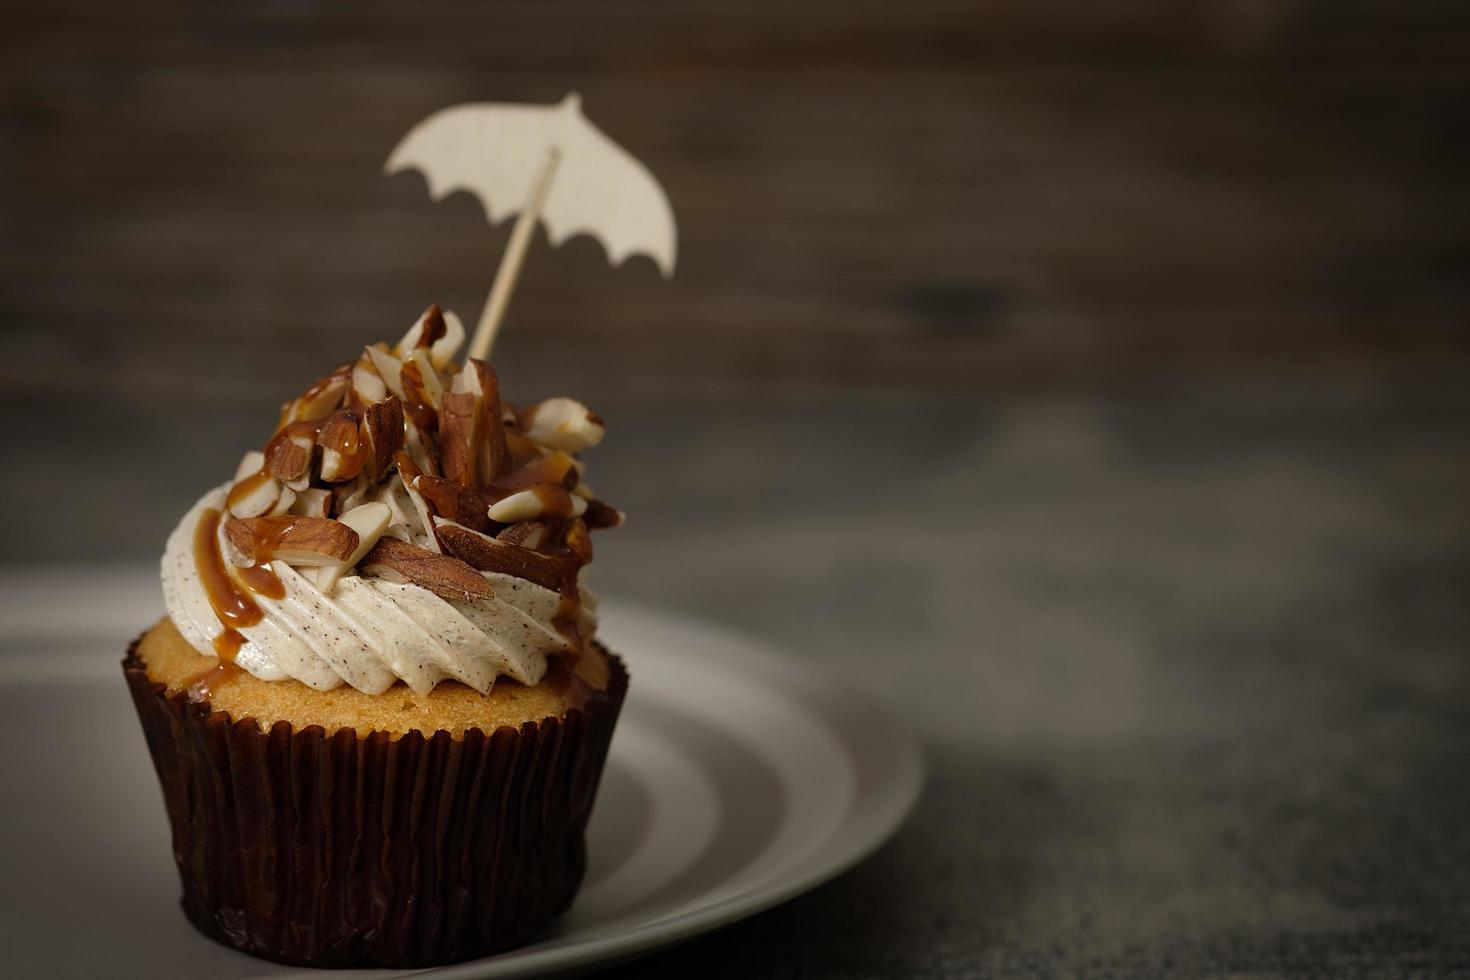 Cupcake mit Zuckerguss, Mandeln und Karamell foto